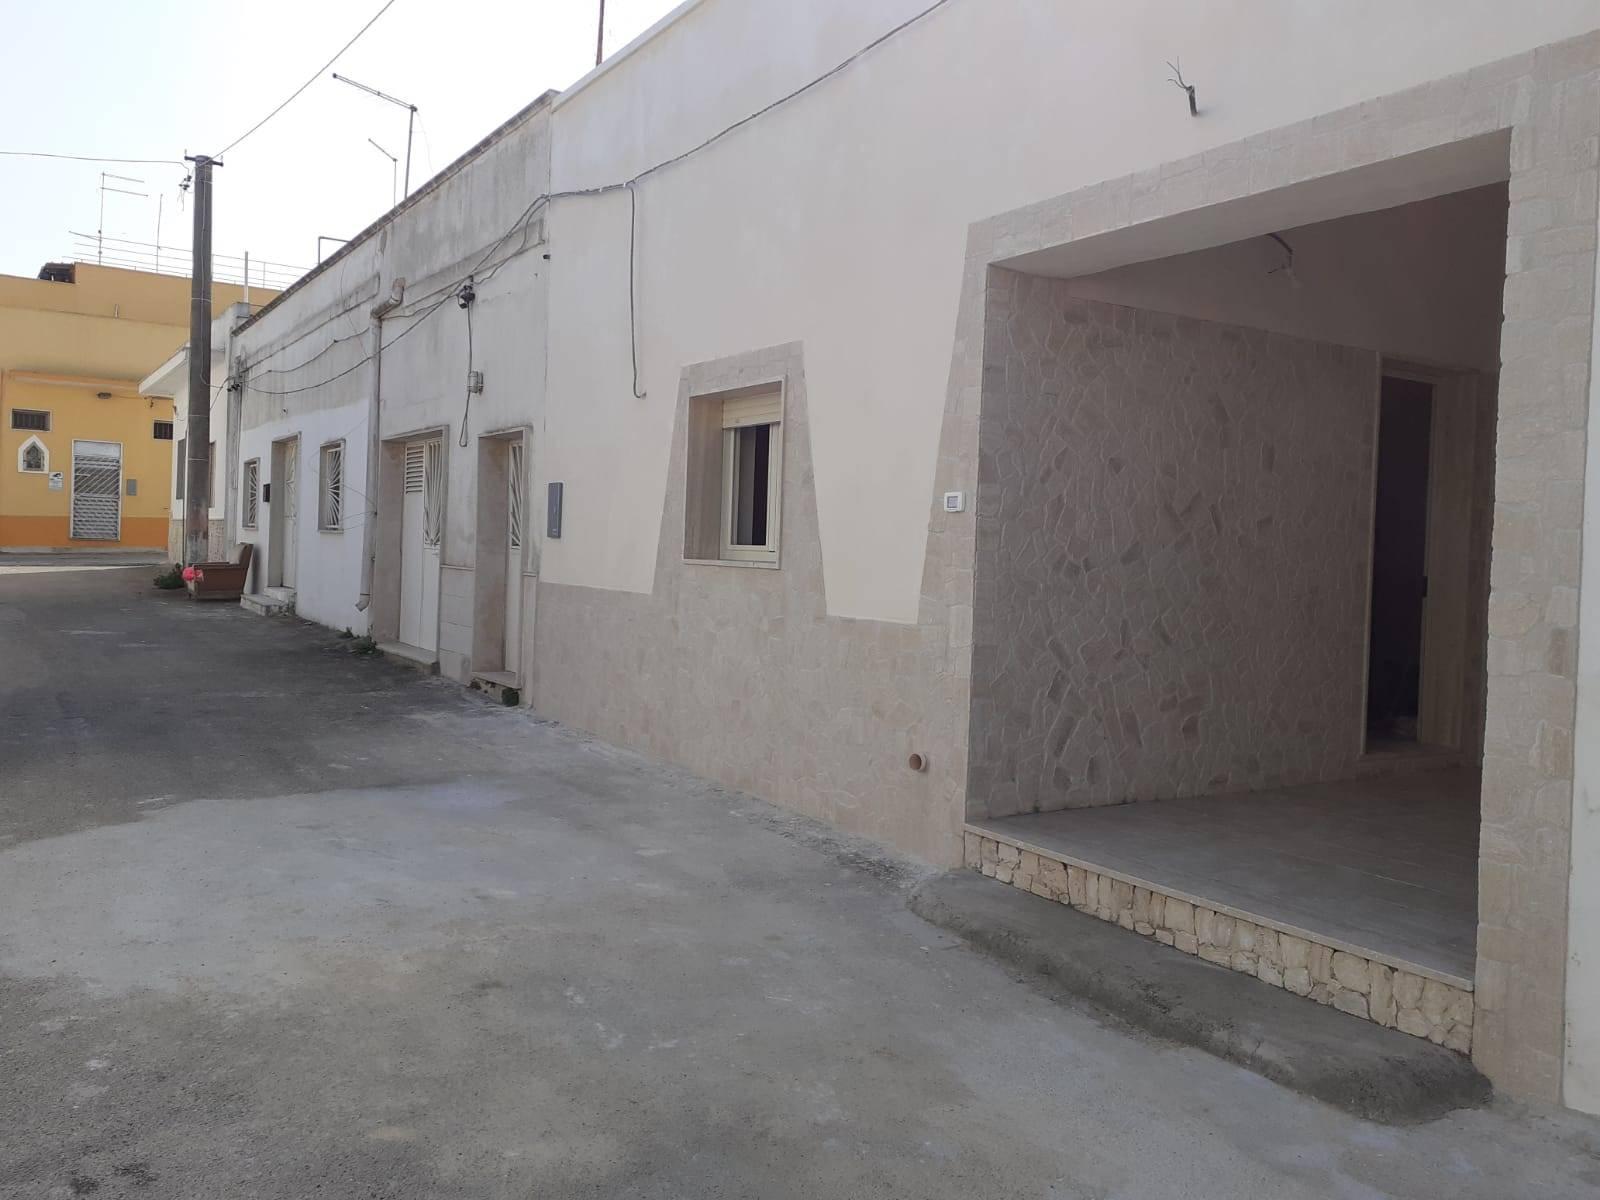 Soluzione Indipendente in vendita a Manduria, 4 locali, zona Zona: San Pietro in Bevagna, prezzo € 75.000 | CambioCasa.it